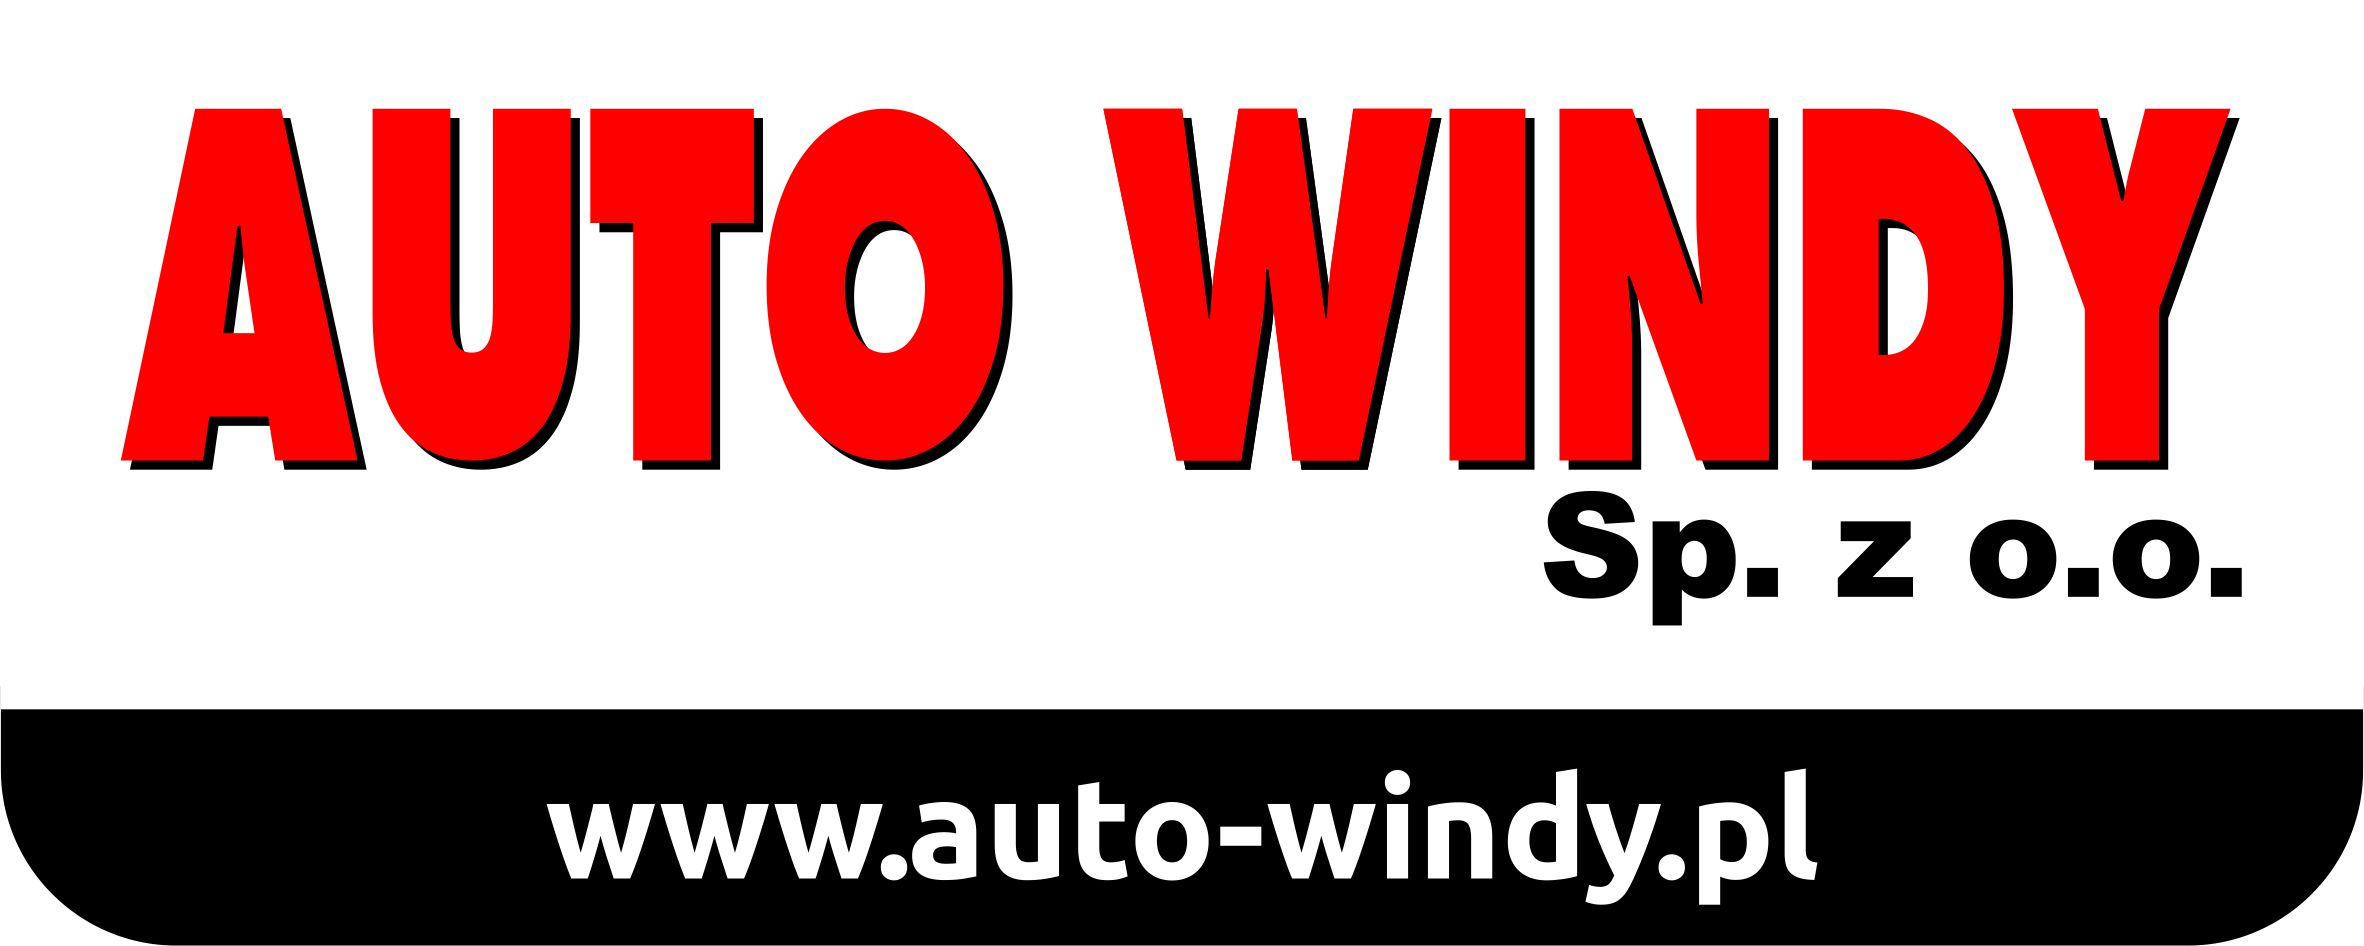 Auto windy